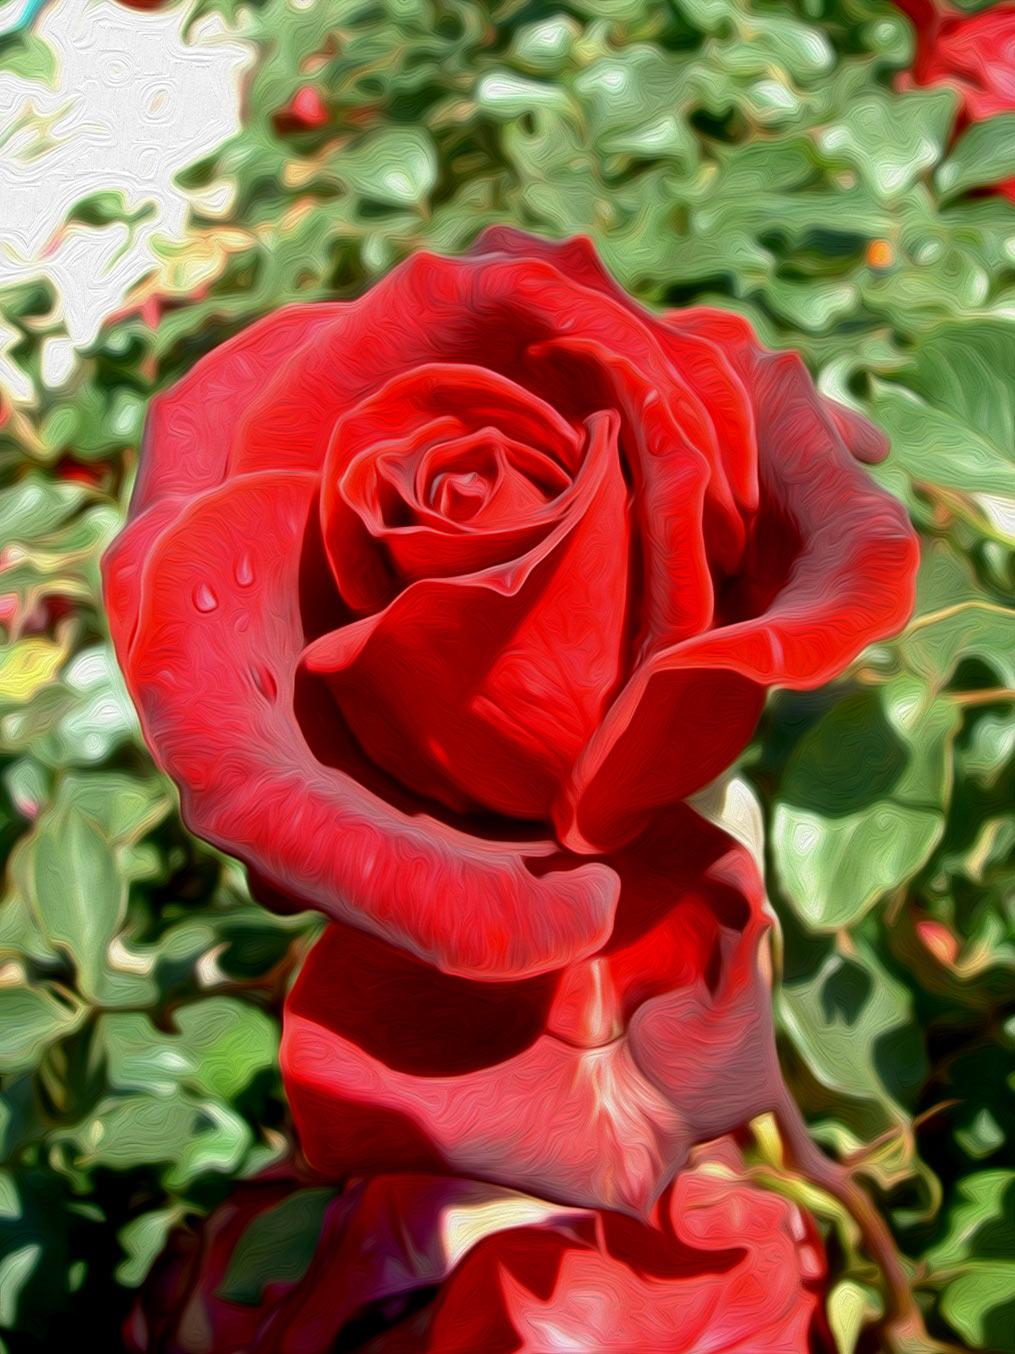 Ilustración gratis - Rosa rojo escarlata